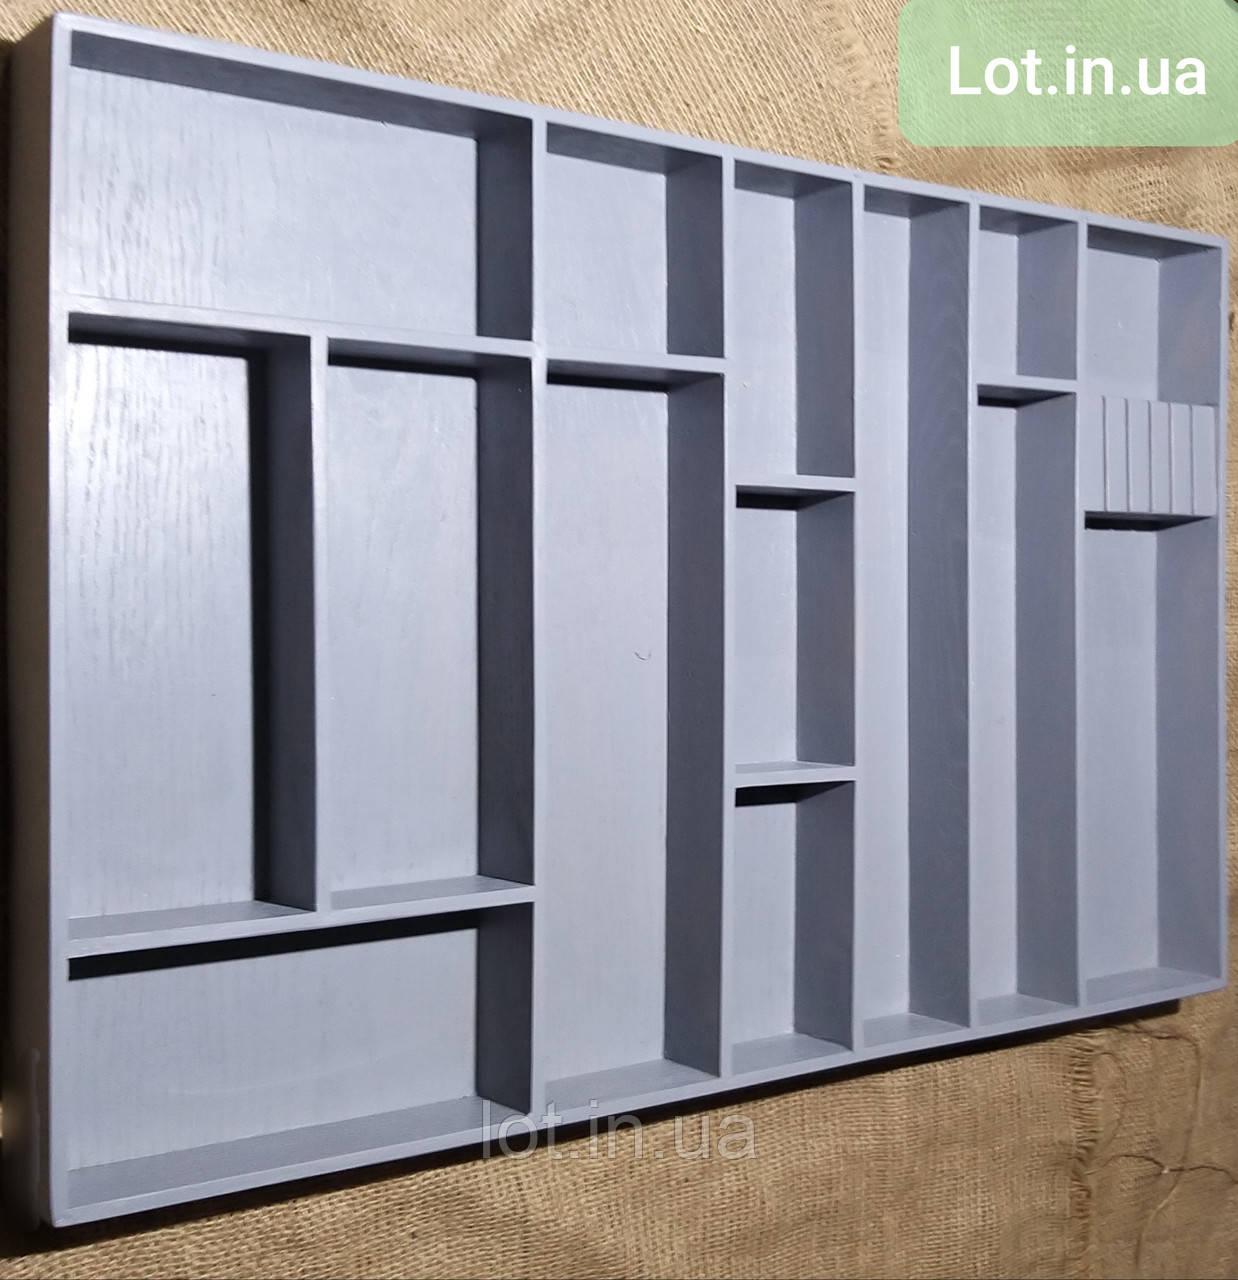 Деревянный лоток для столовых приборов Lot k113 900х400 серый (индивидуальные размеры)